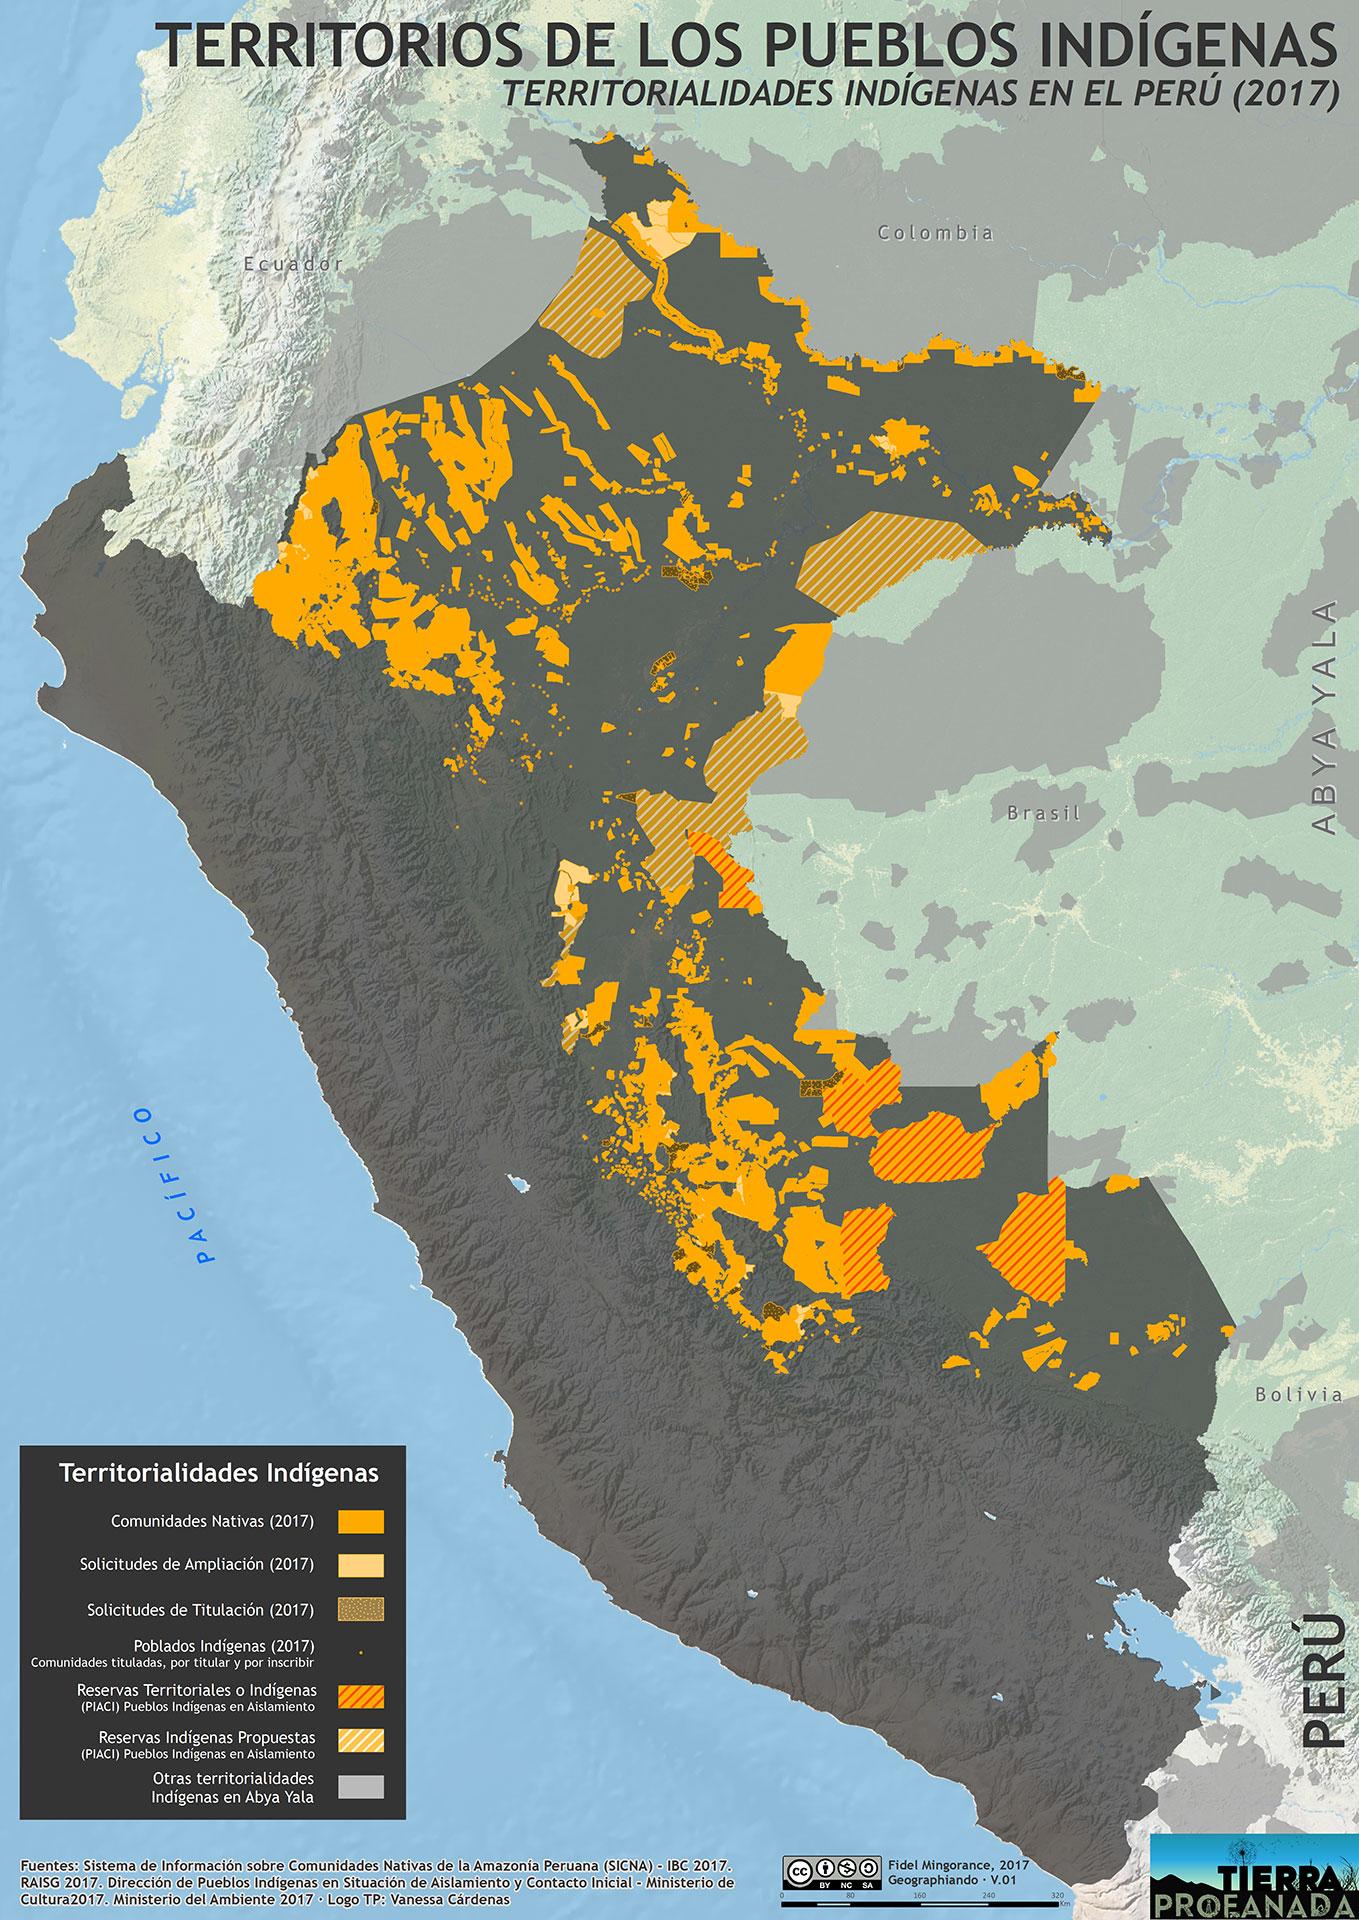 Territorialidades indigenas en el Peru (2017)